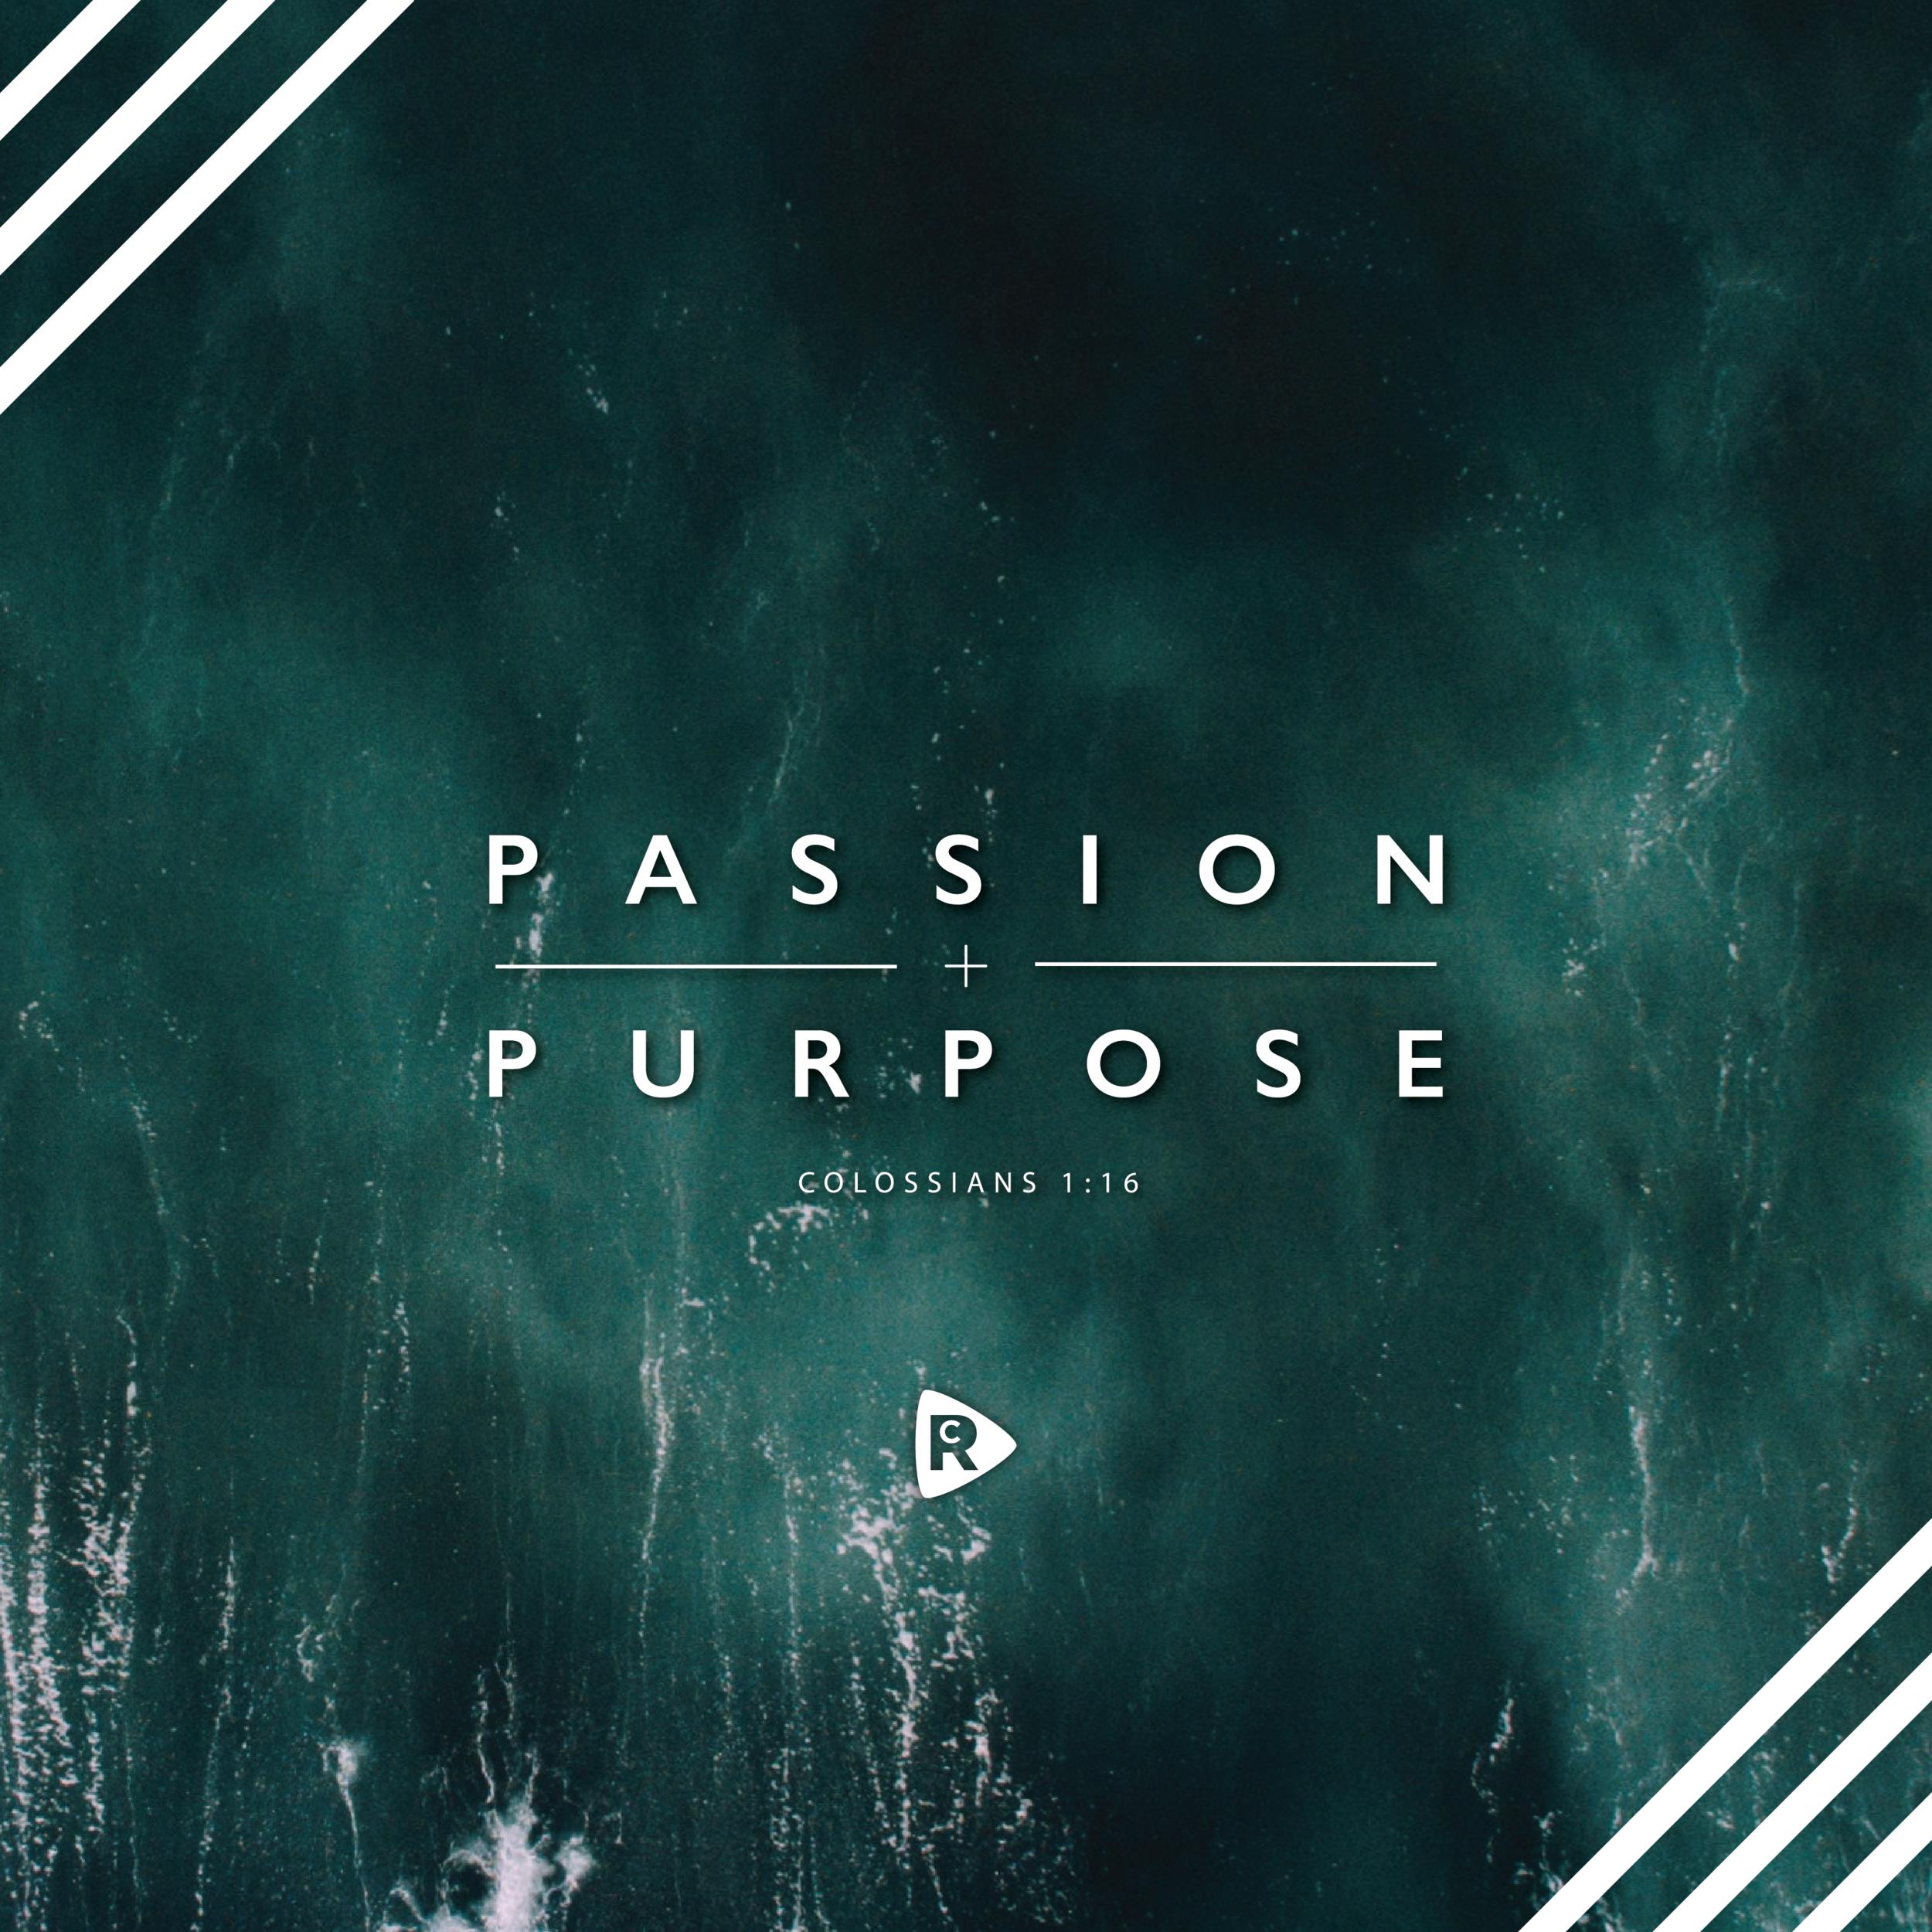 PassionPurposeInstagram-01.png